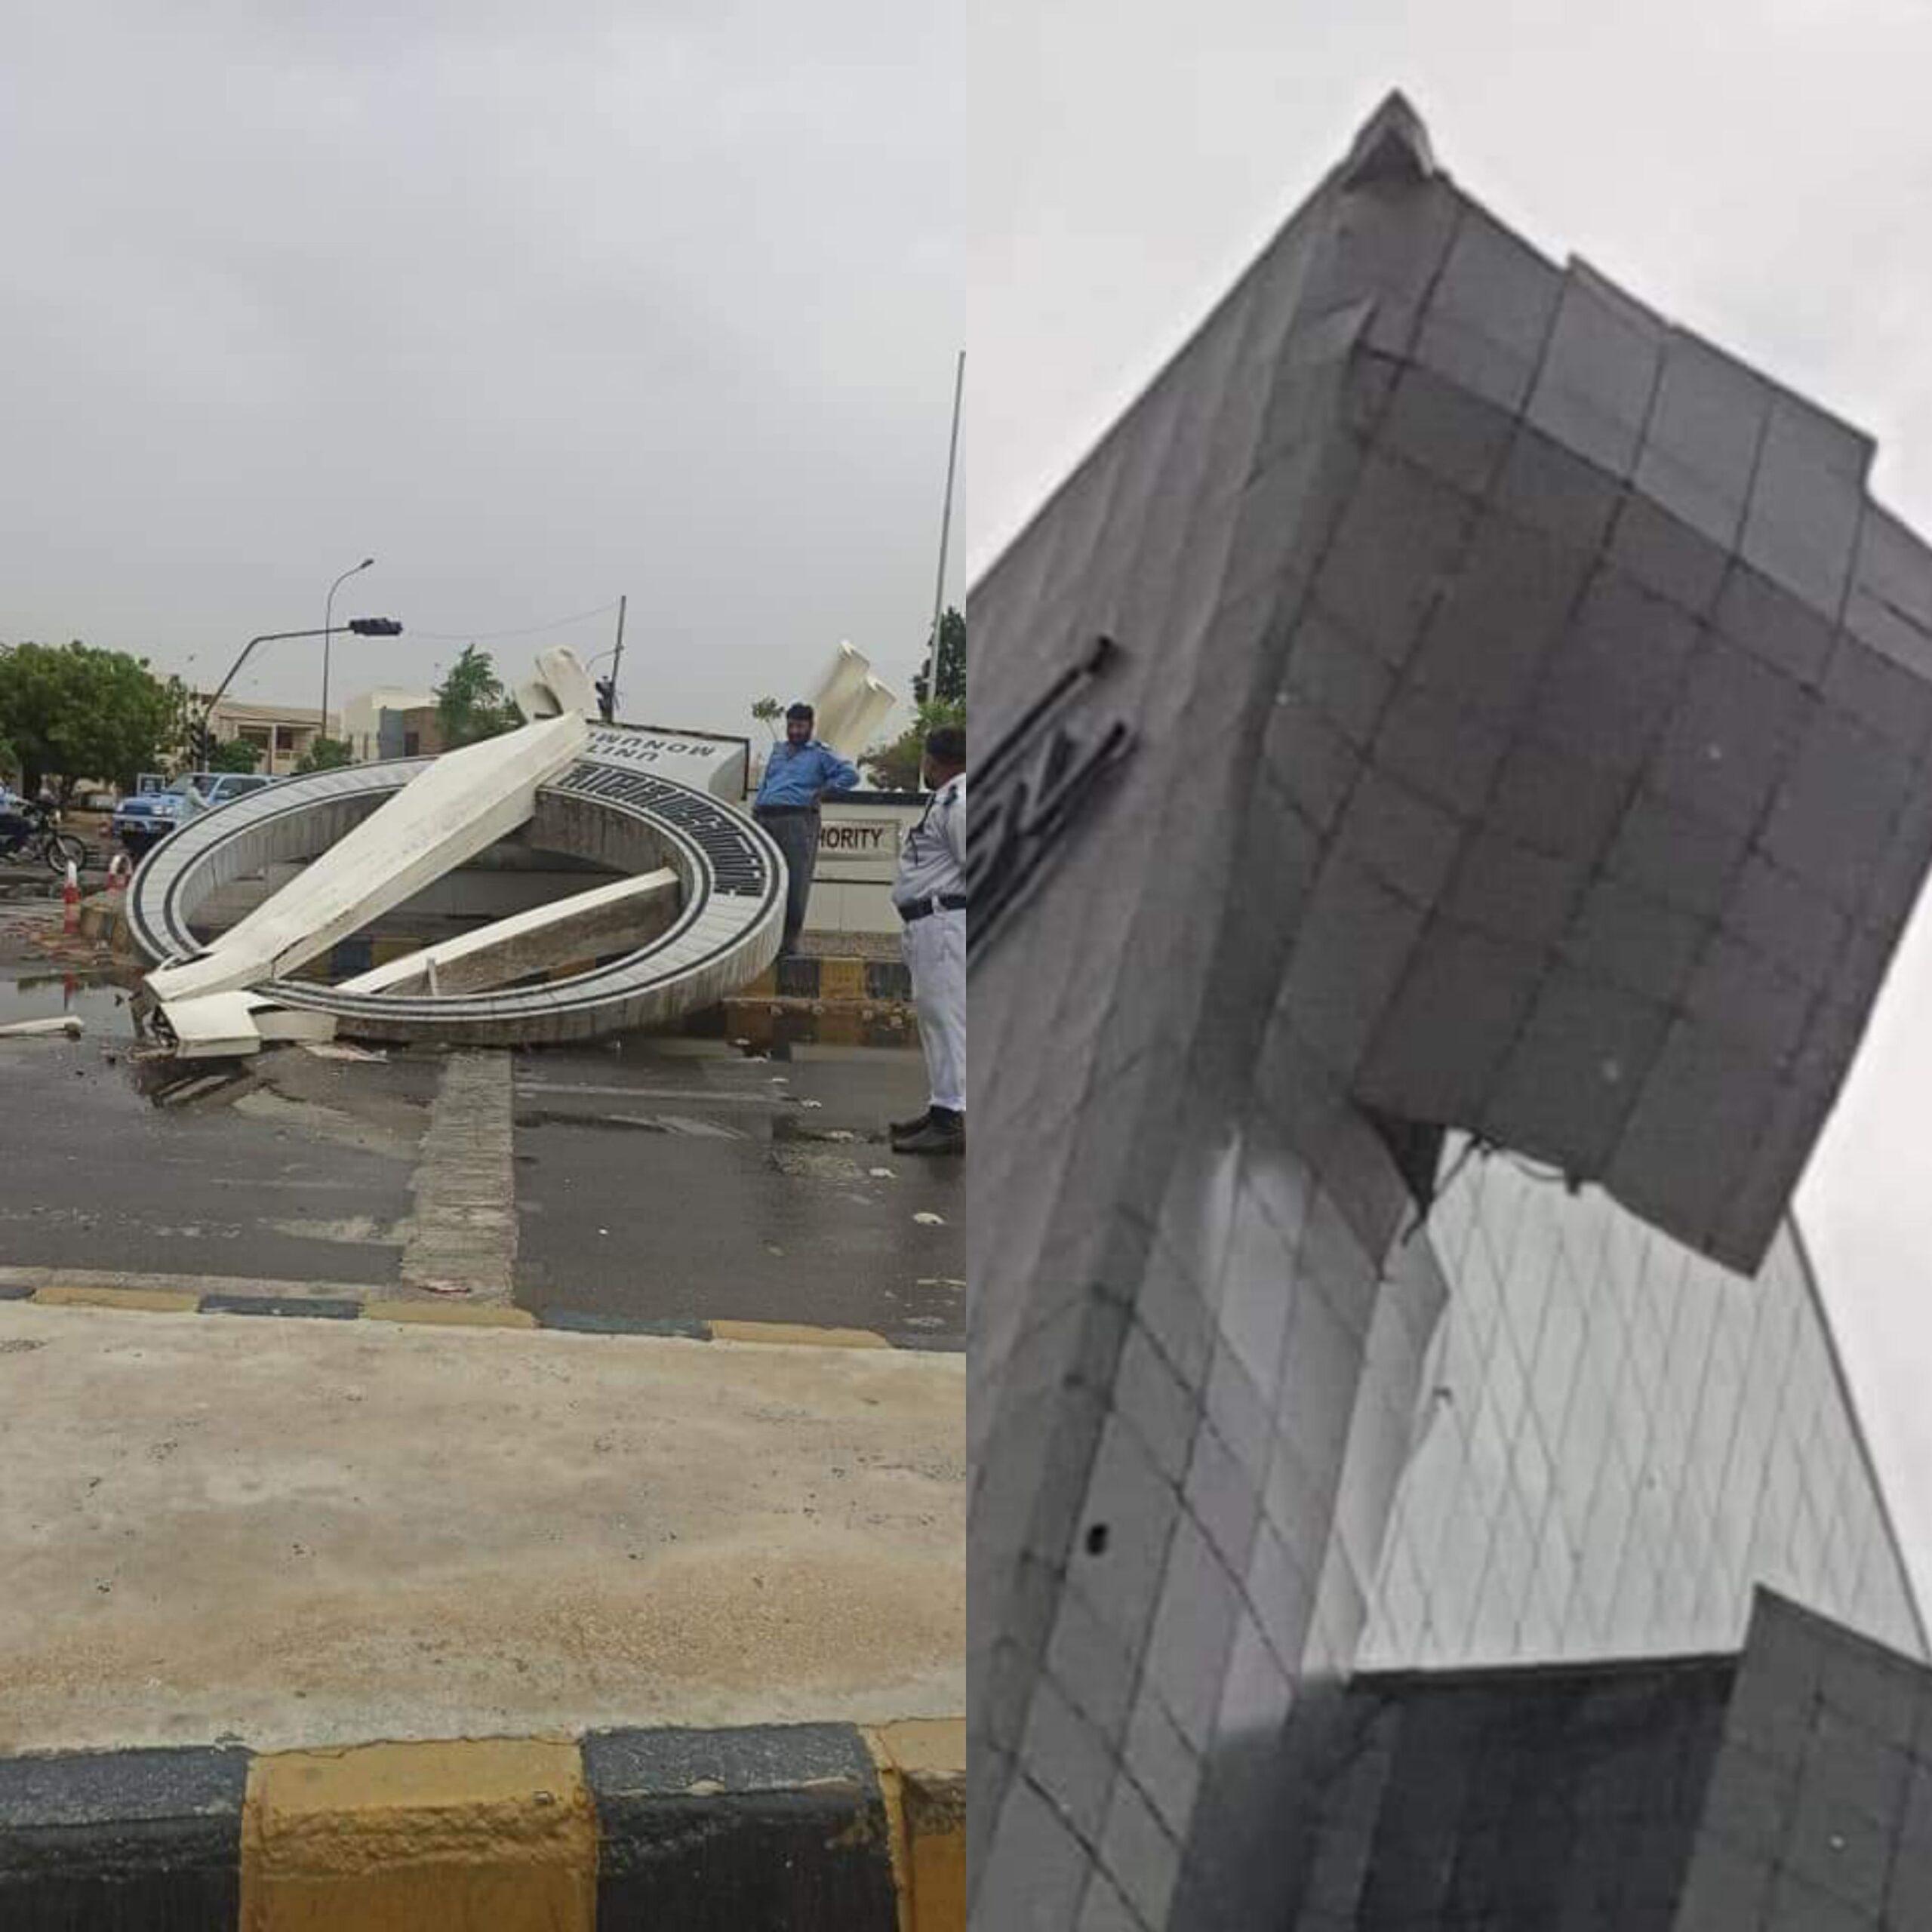 کراچی میں تیز ہوا اور آندھی سے 5 افراد جاں بحق اور متعدد زخمی